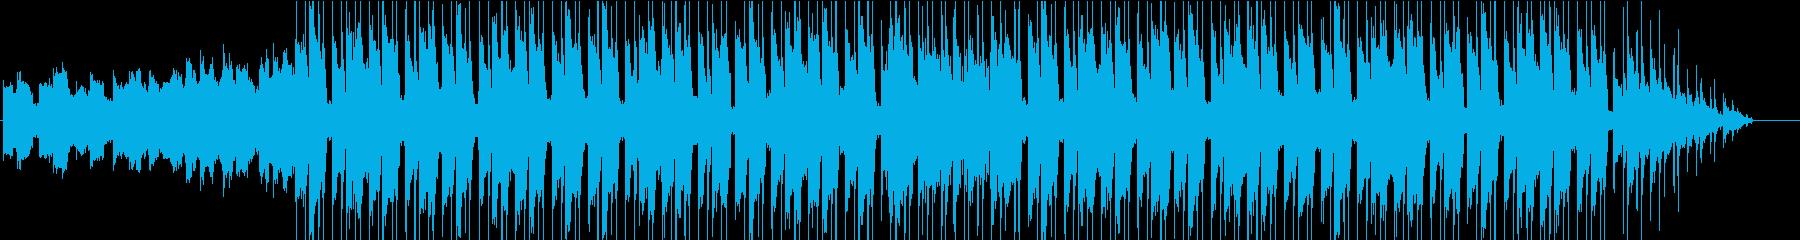 SFっぽいエレクトロニカの再生済みの波形